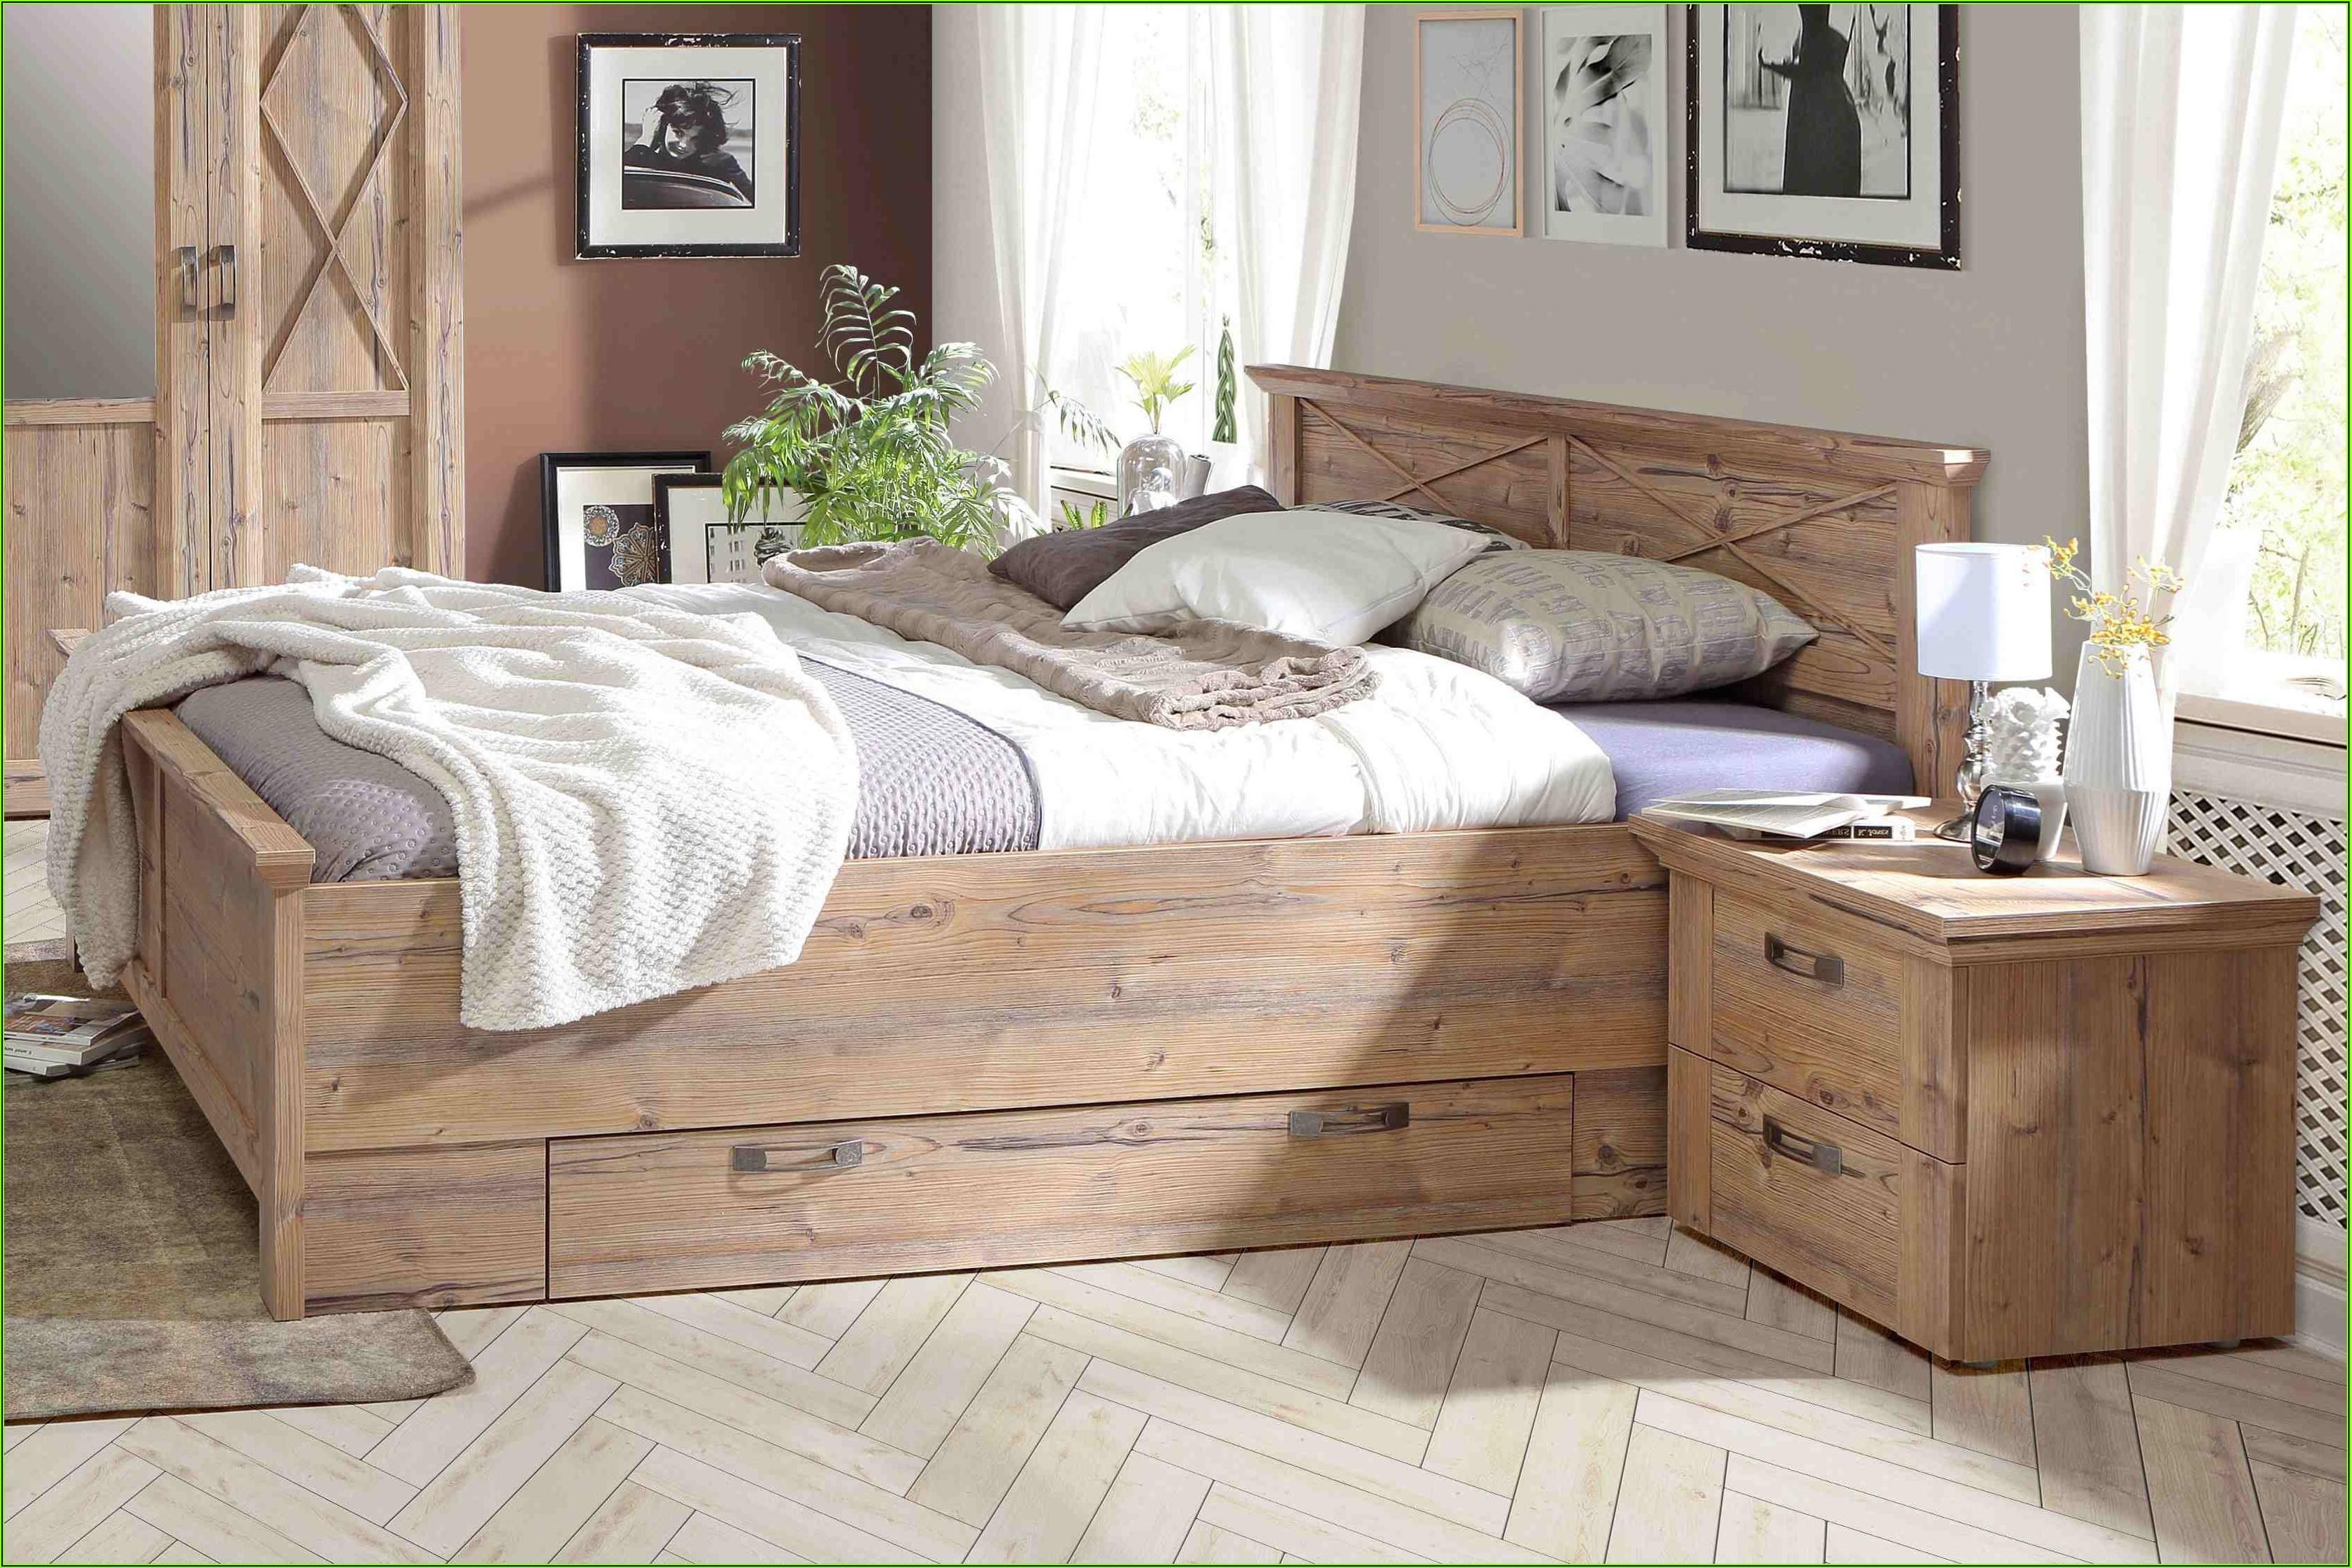 Schlafzimmer Landhausstil Dekorieren